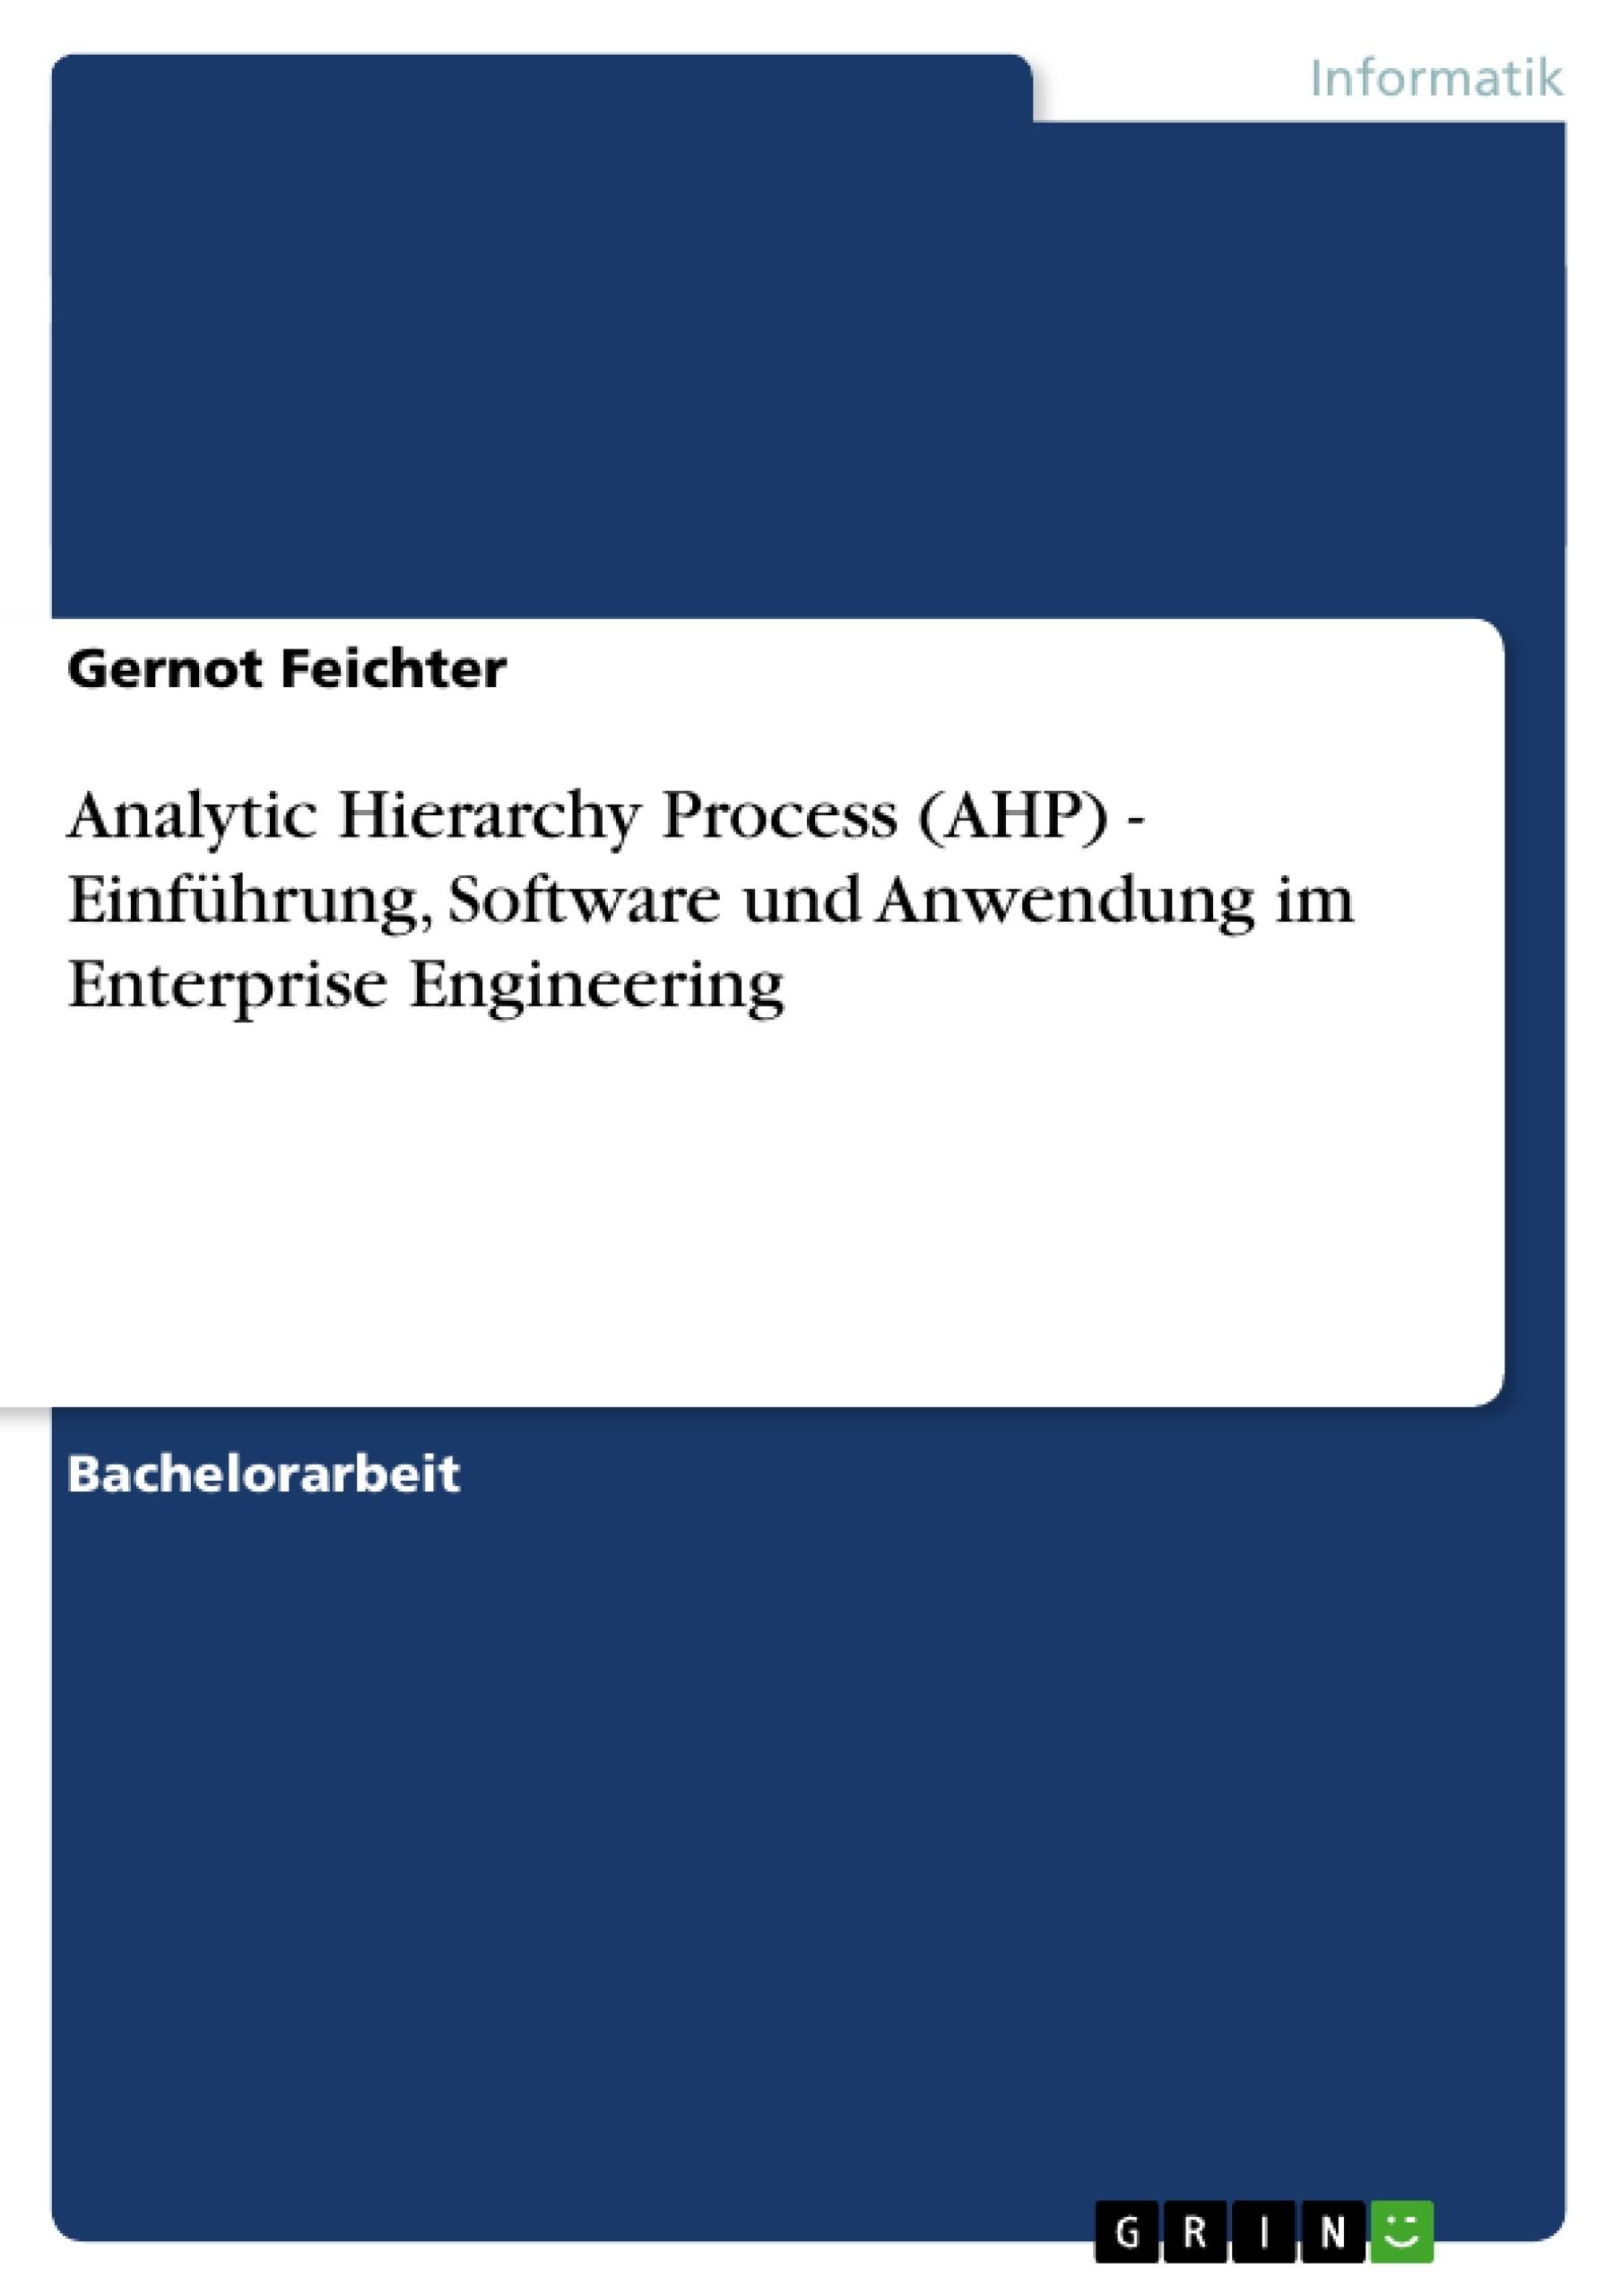 Titel: Analytic Hierarchy Process (AHP) - Einführung, Software und Anwendung im Enterprise Engineering